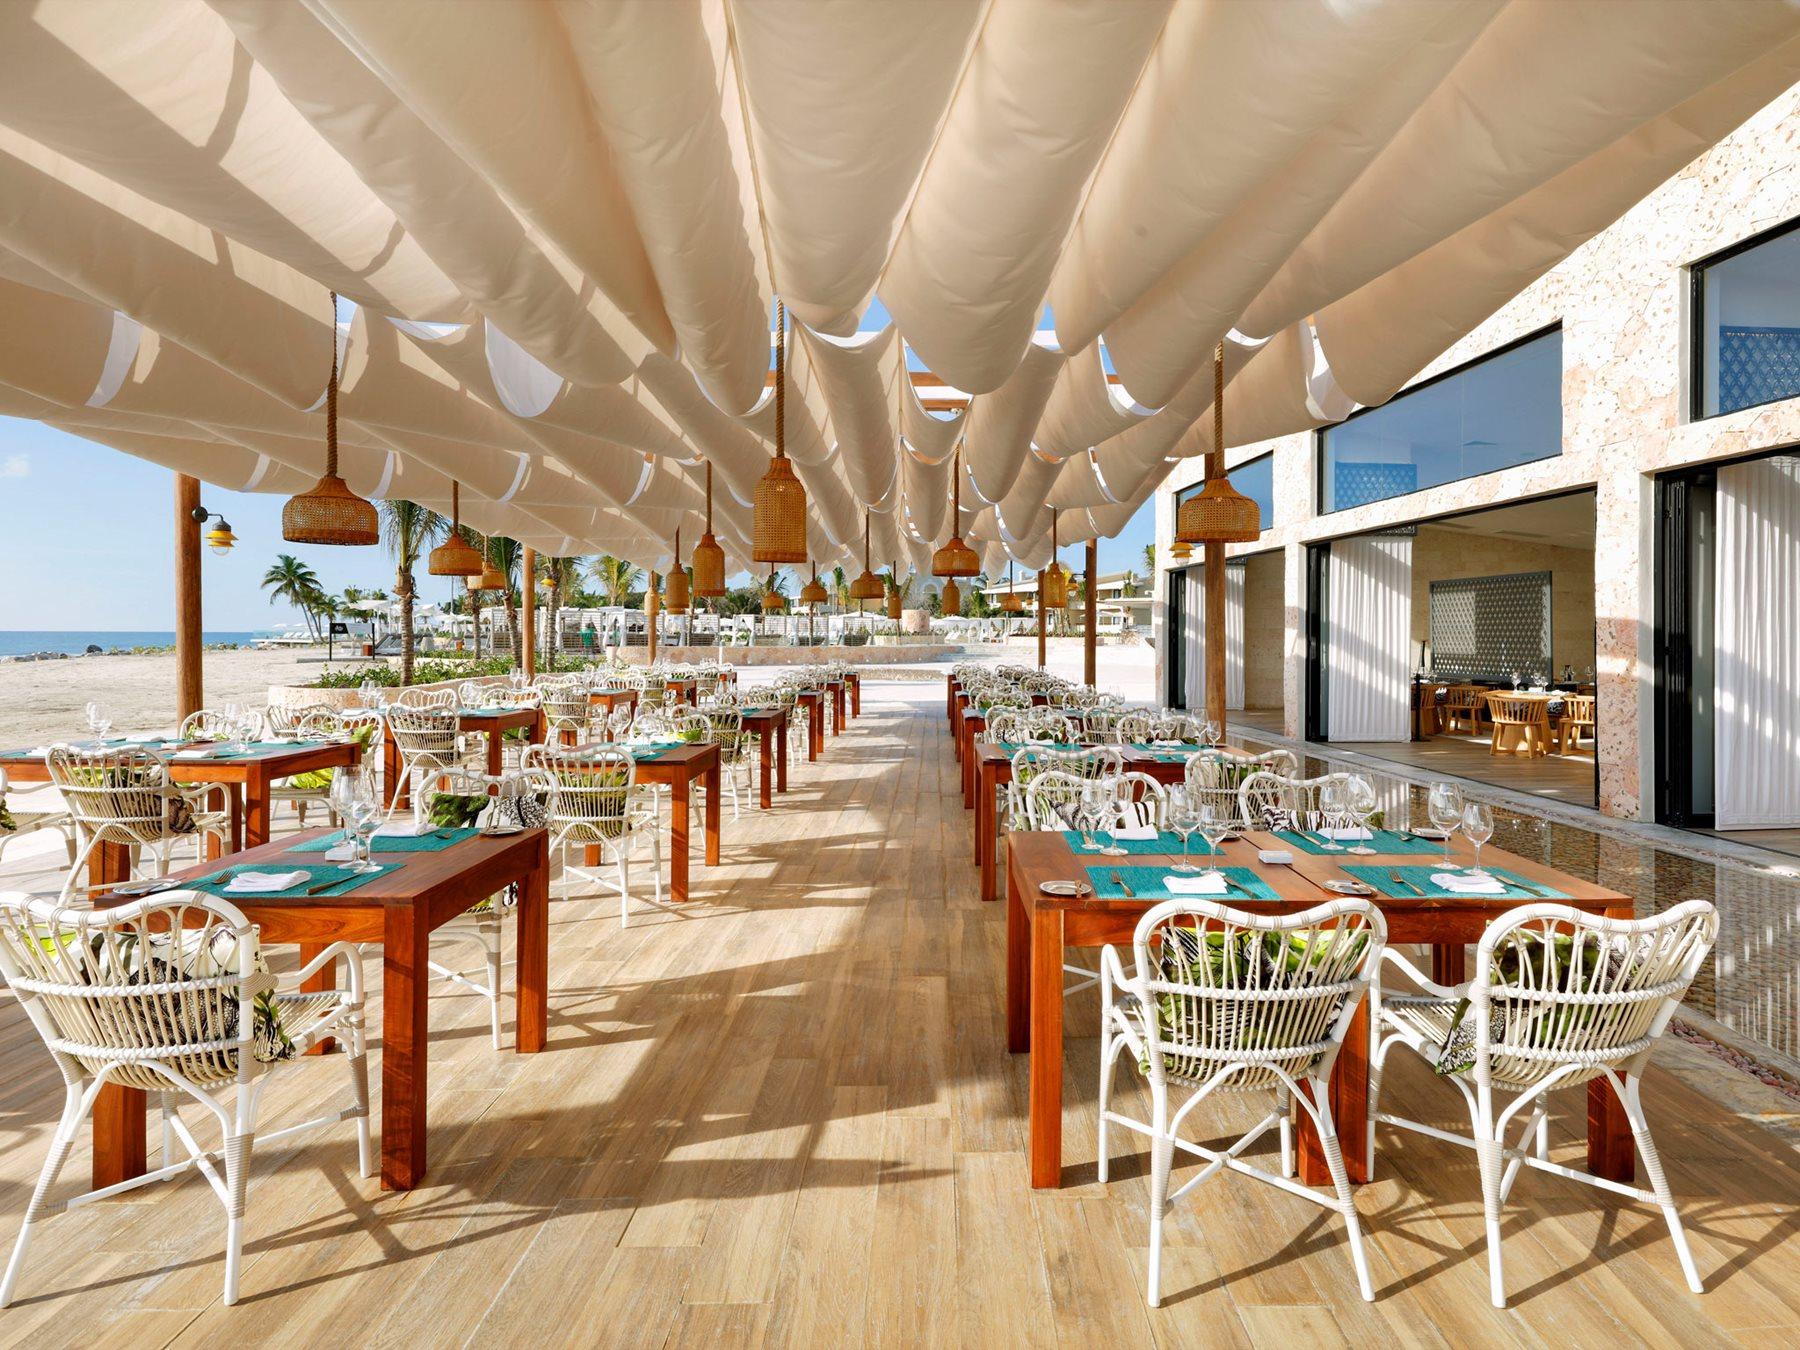 RIV-The-Royal-Suites-Yucatan-Resto-Helios-001